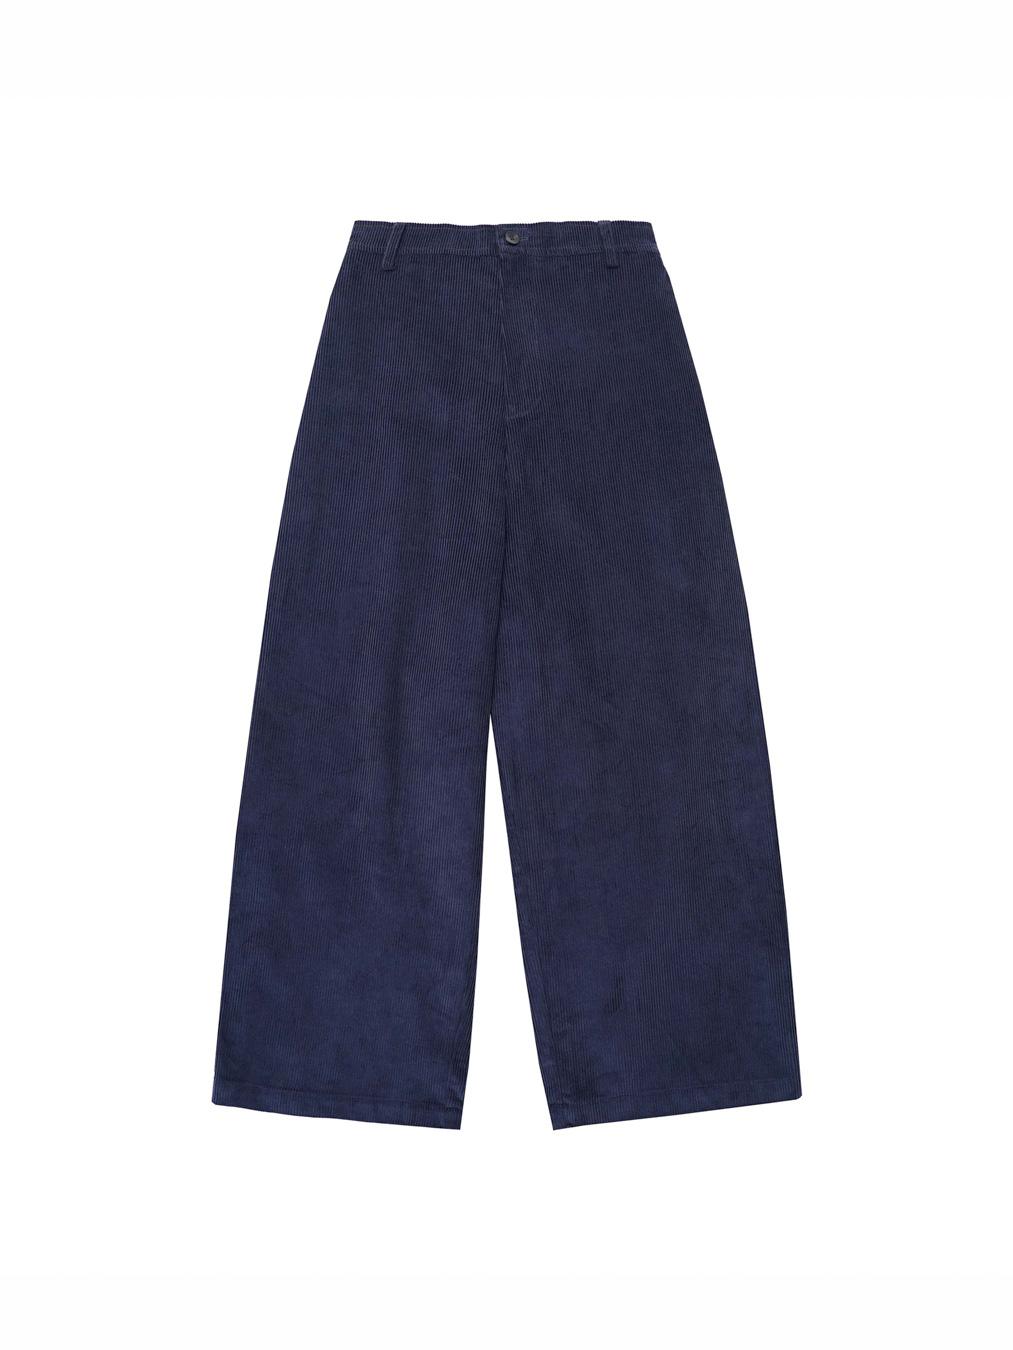 BAGGYBOI Corduroy Pants (Navy)